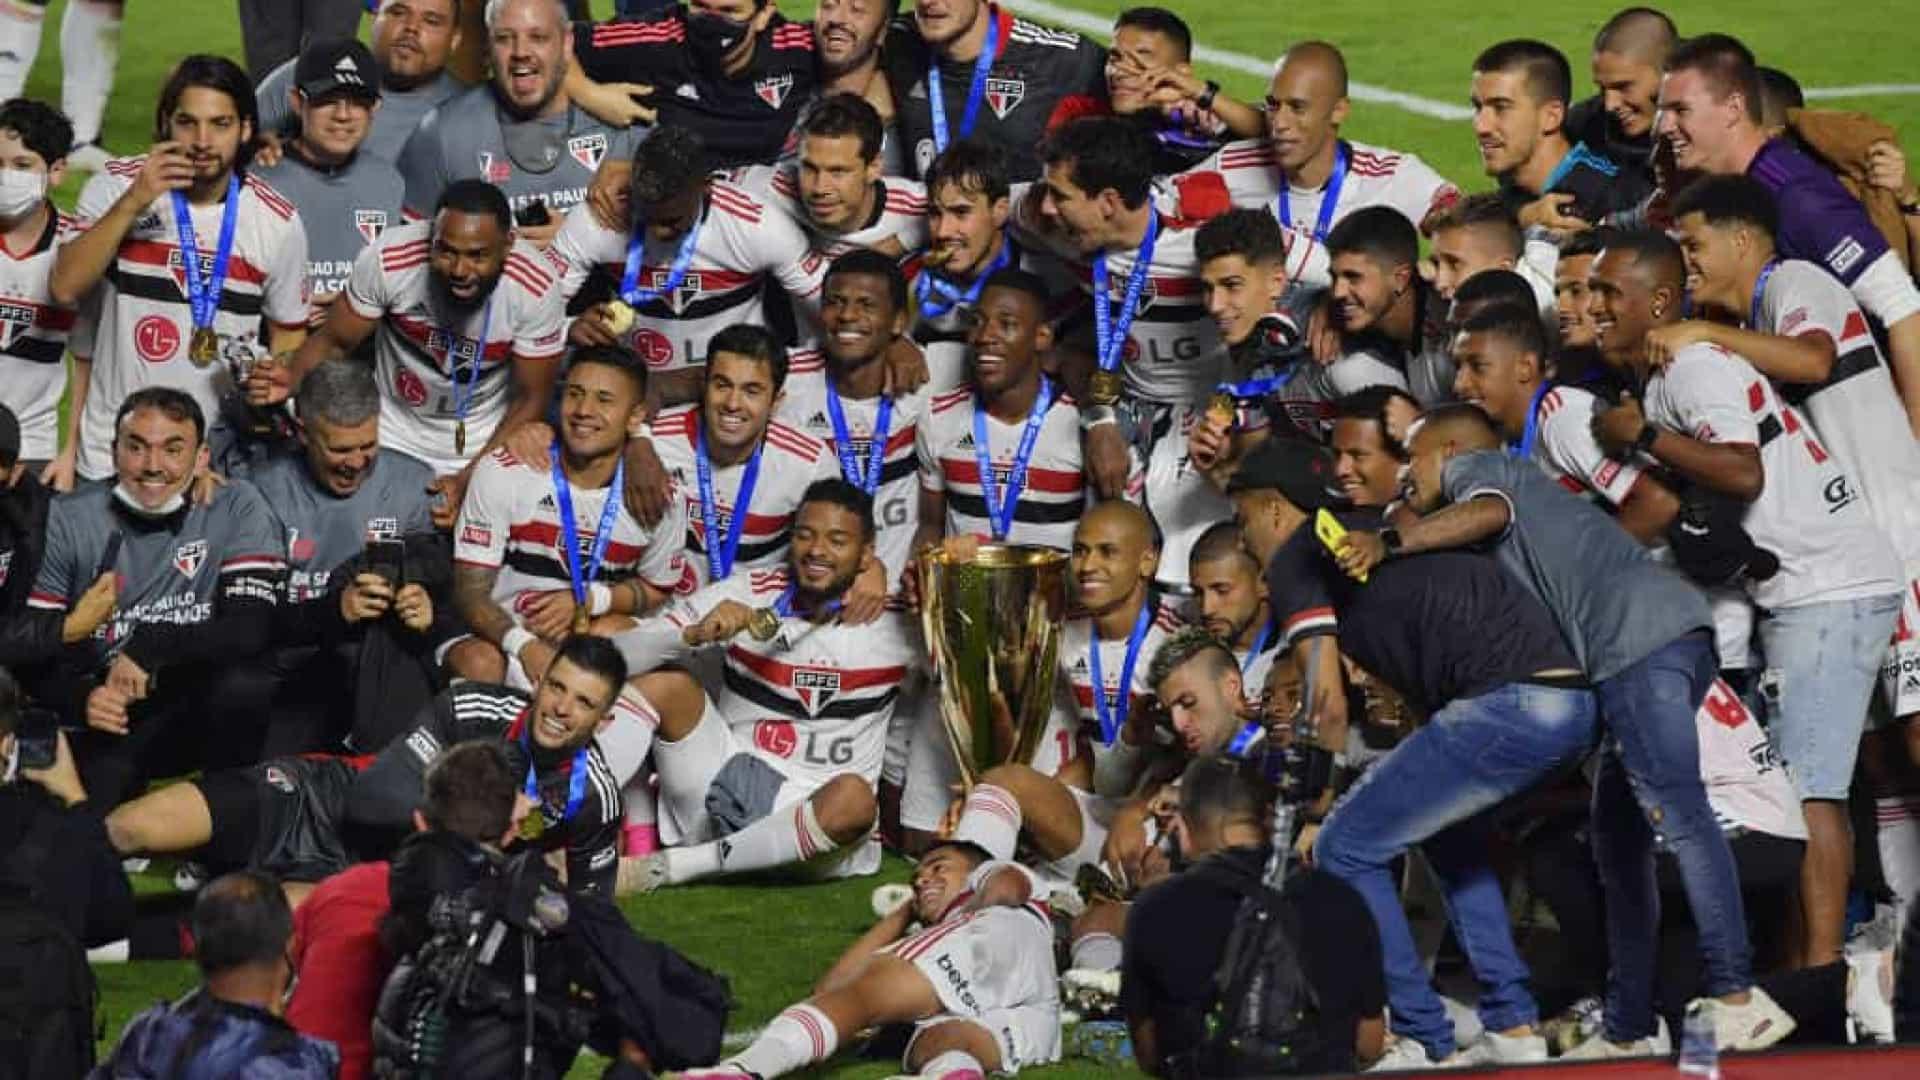 naom 60accd92d2616 - Perto de completar 100 partidas pelo São Paulo, Pablo valoriza marcas no clube